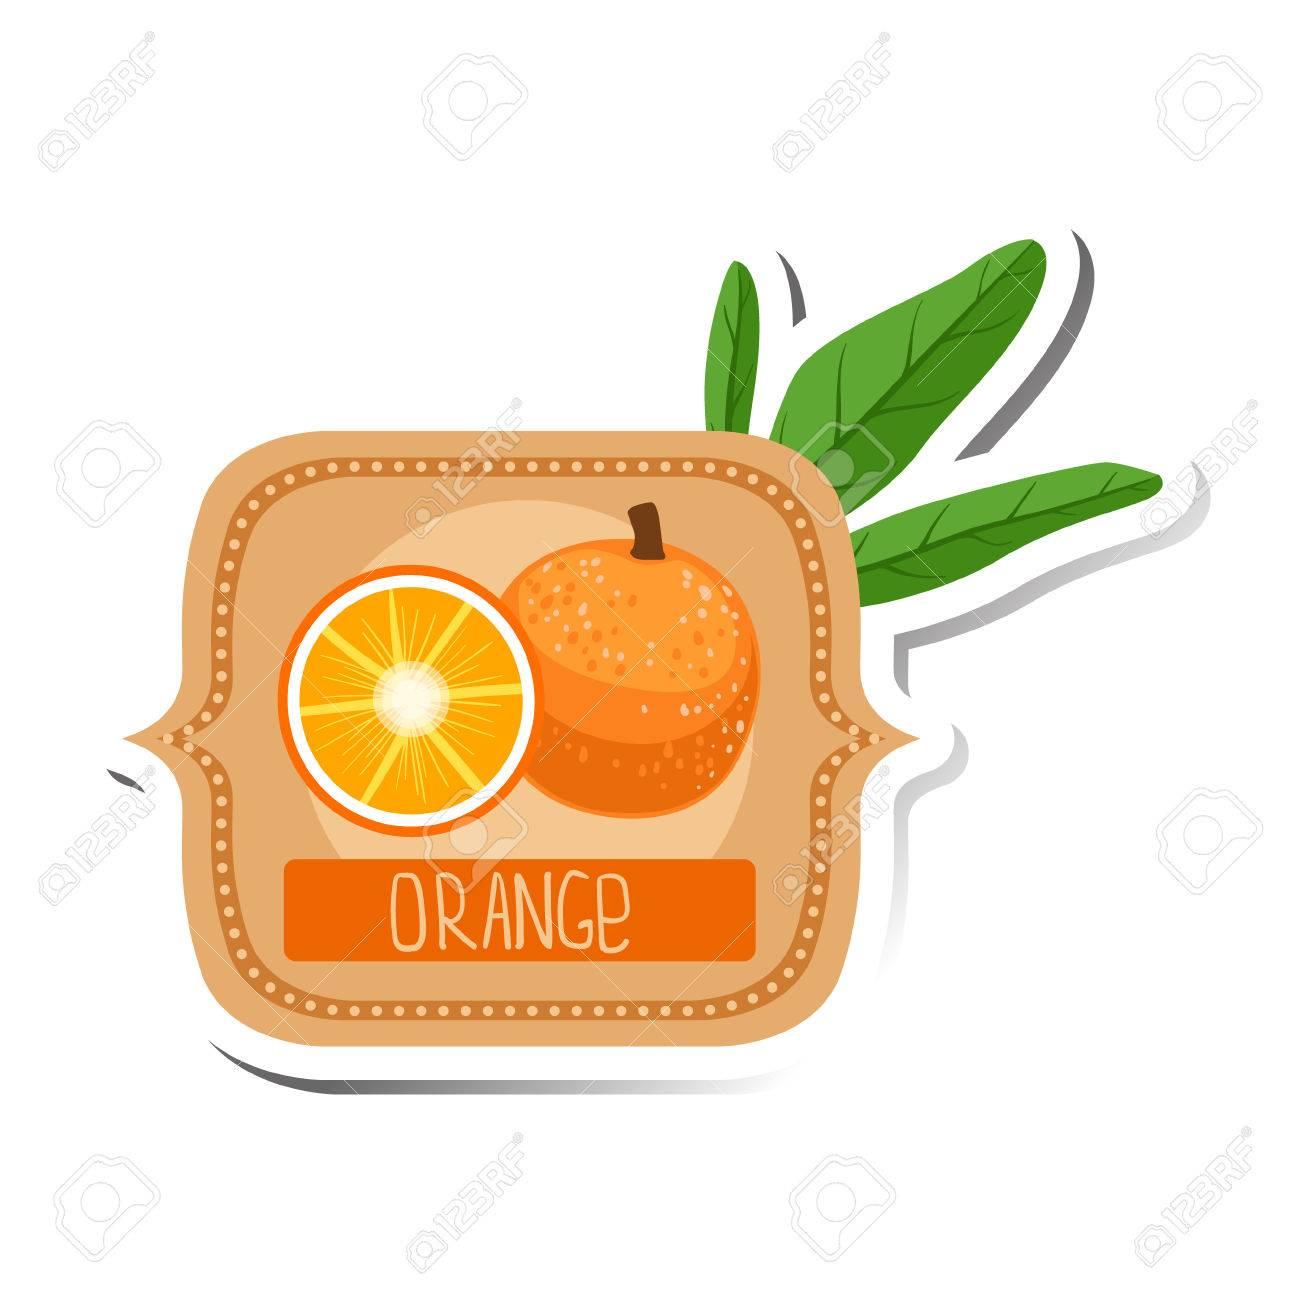 Orange Bright Color Jam Label Sticker Template In Square